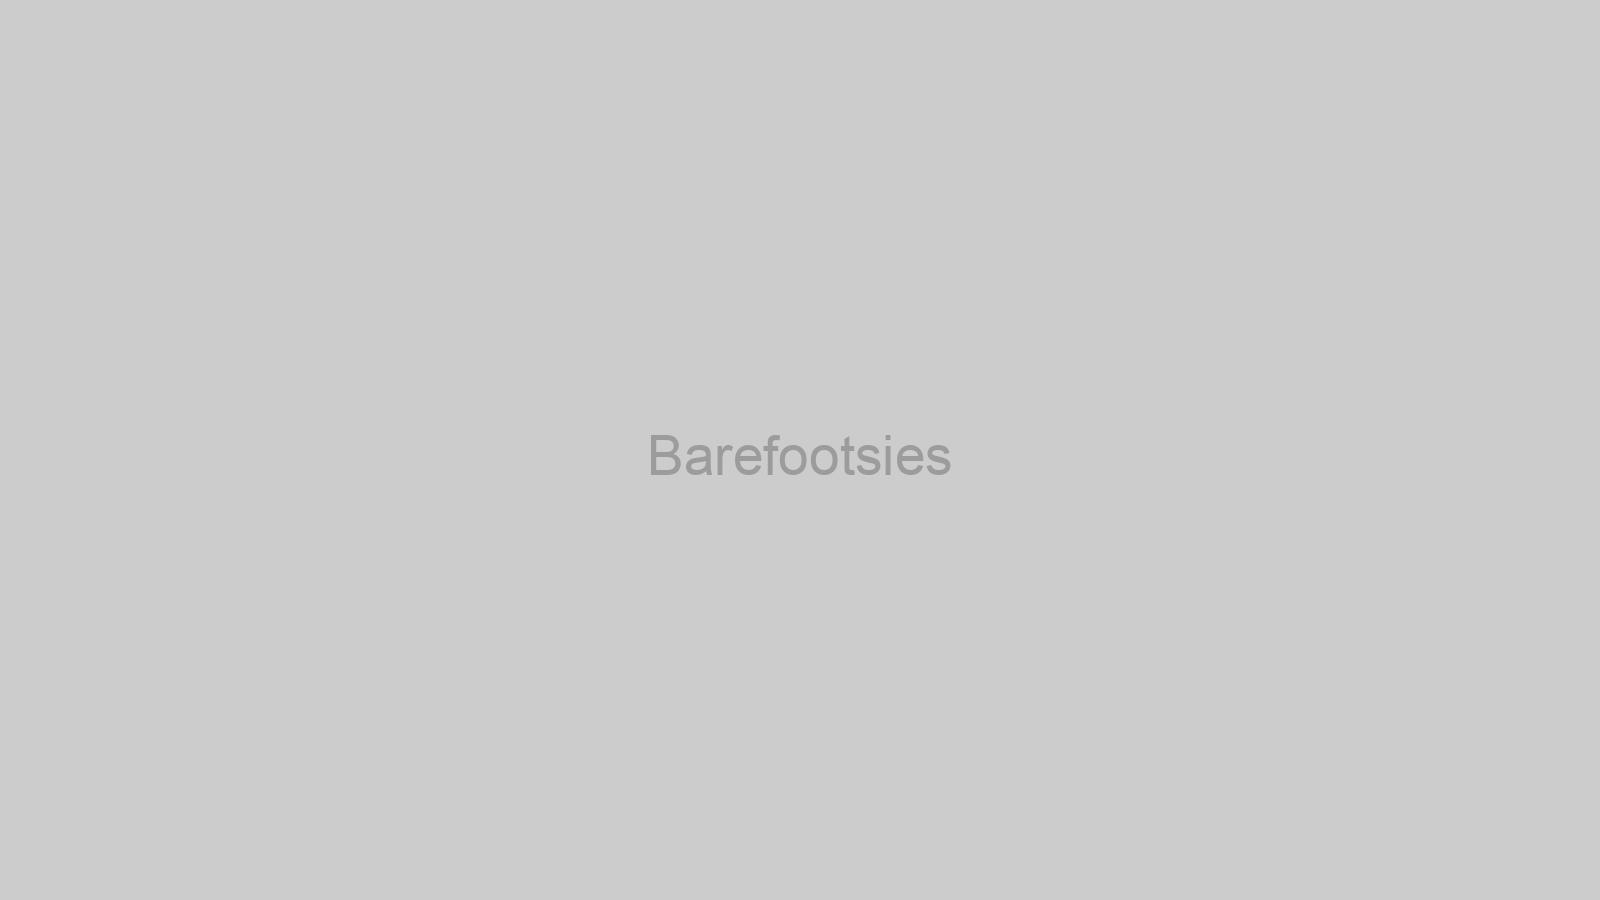 Barefootsies